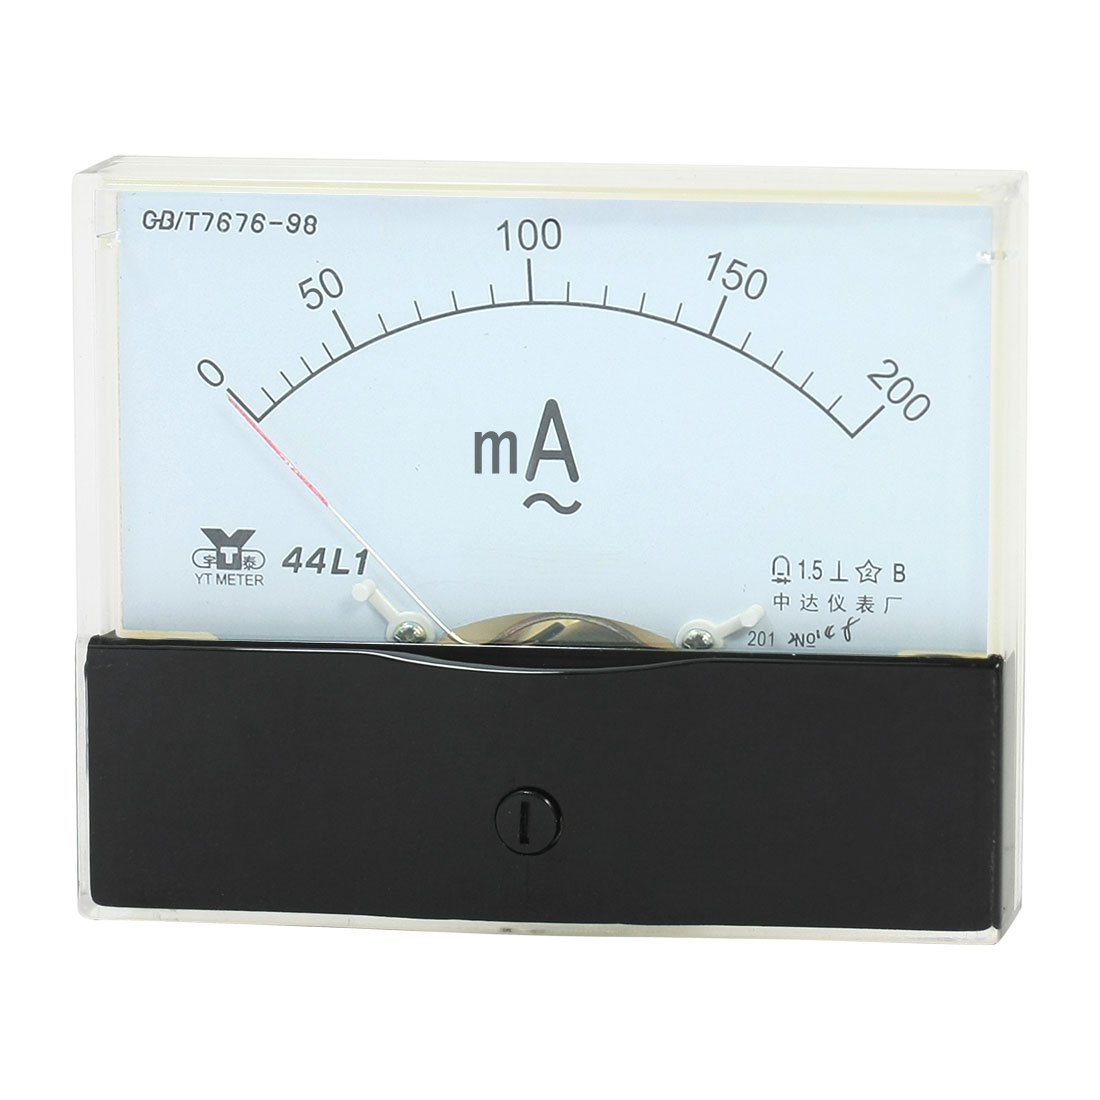 Medidor analó gico de gran calibre amperí metro AC rango de medició n 0-200mA 44L1 Sourcingmap a14050600ux0488